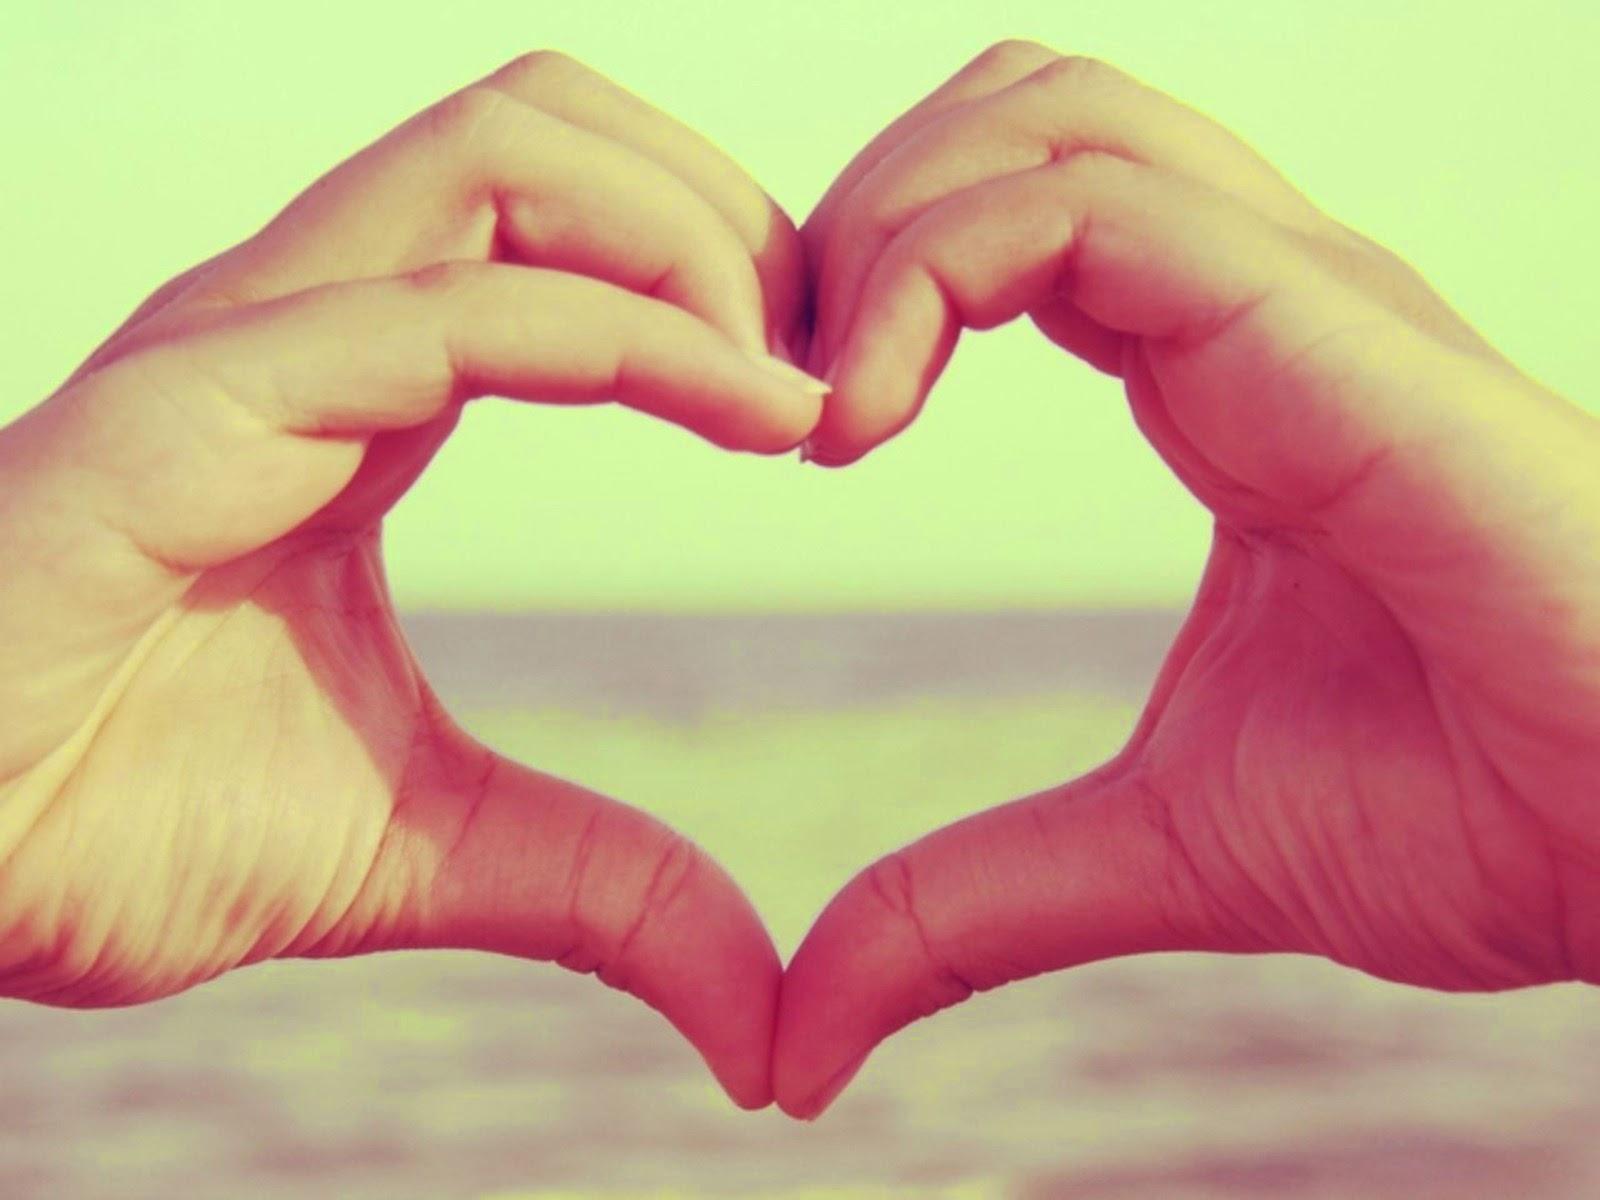 صورة عبارات حب وغرام , الاحبه وعبارات اصدق للحب والغرام 2075 1